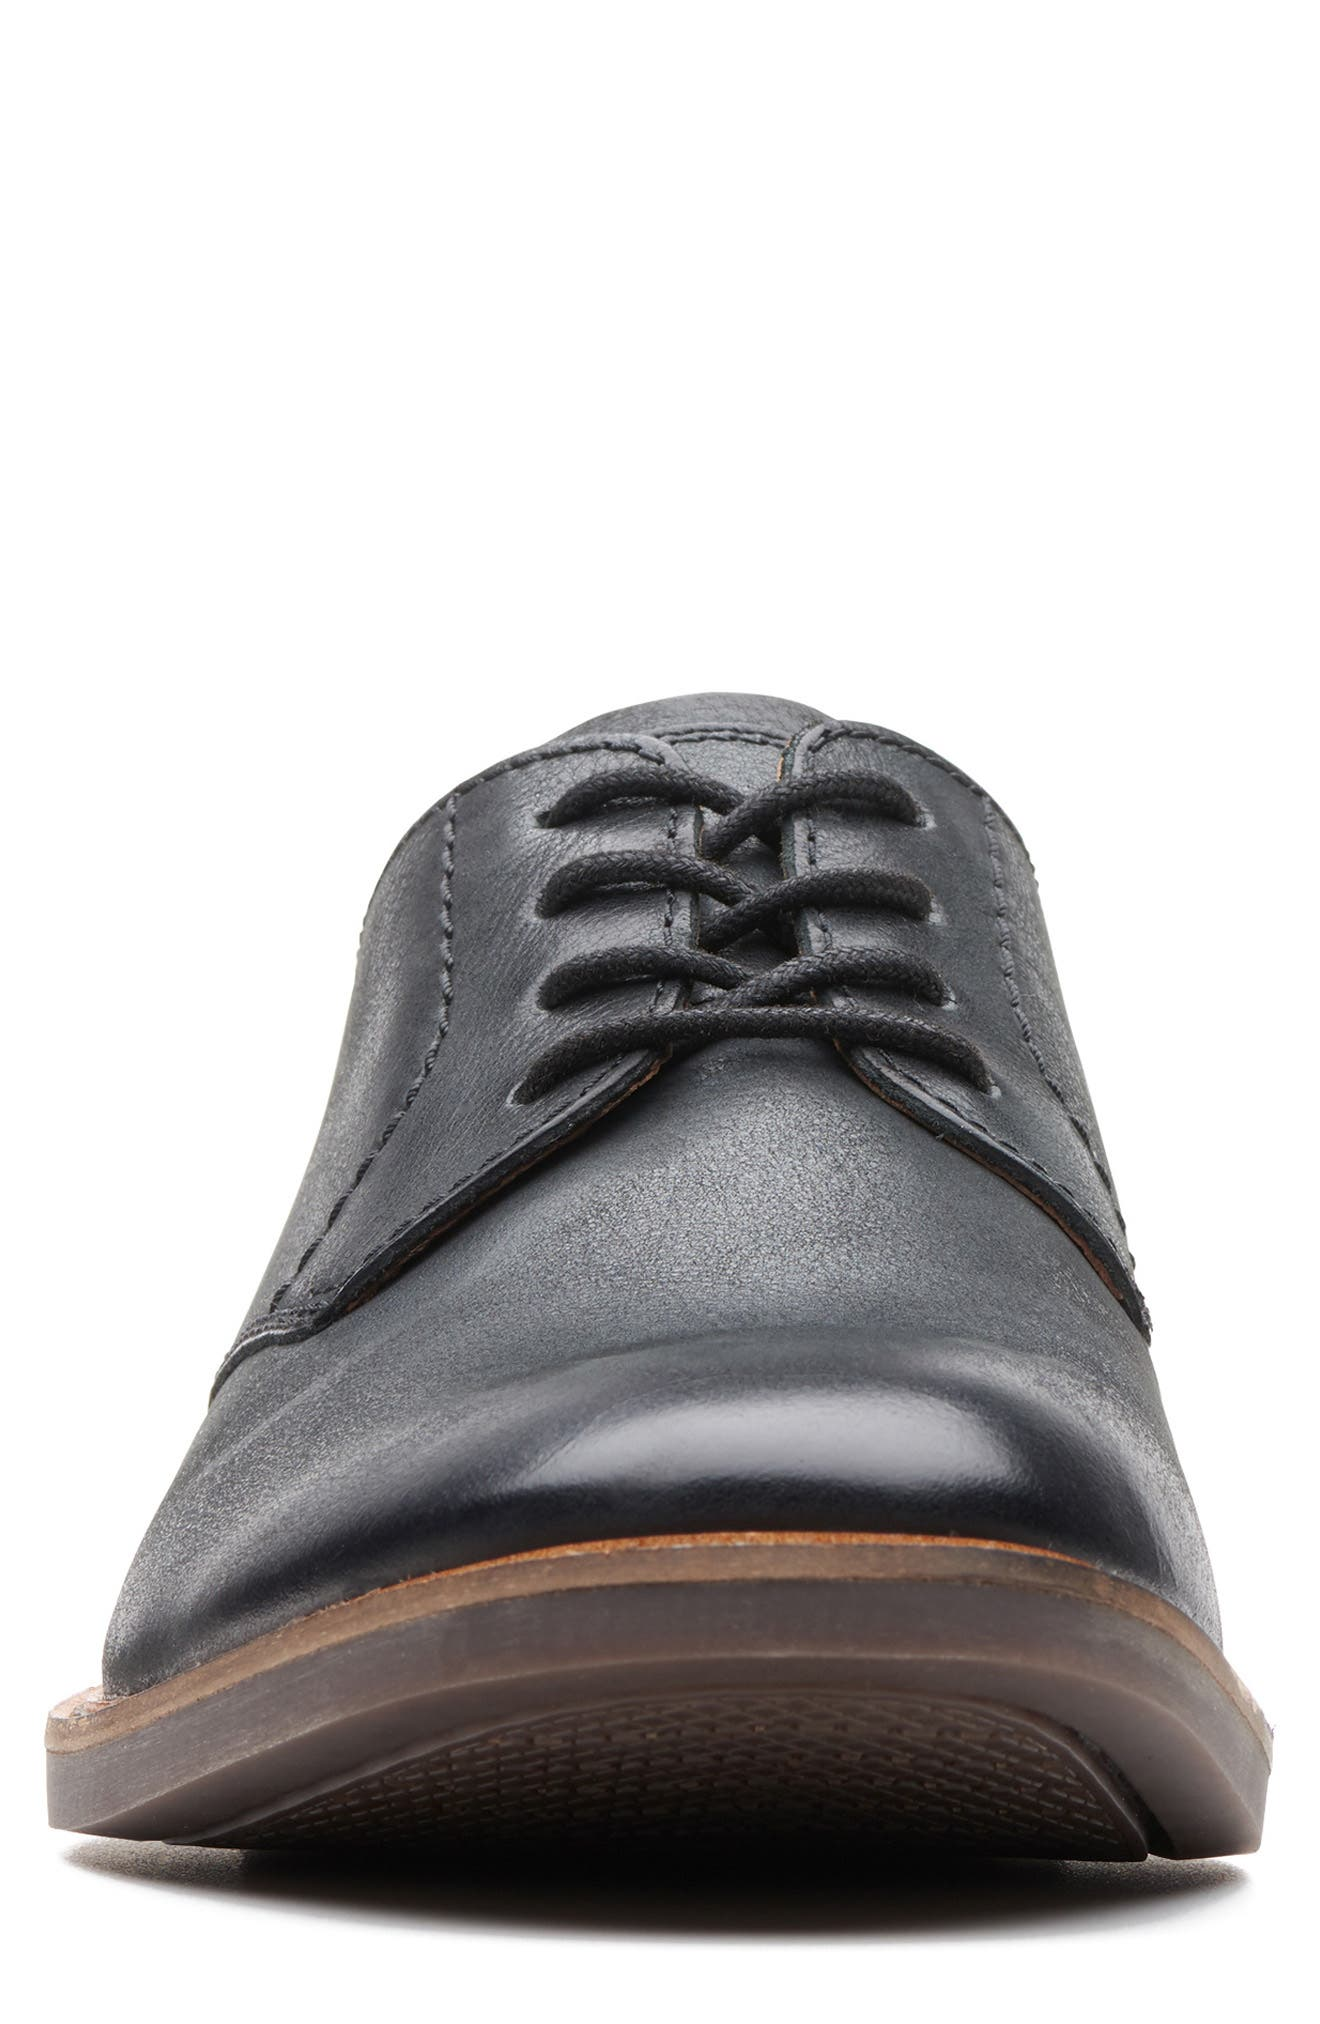 Clarks<sup>®</sup> Atticus Plain Toe Derby,                             Alternate thumbnail 3, color,                             BLACK LEATHER